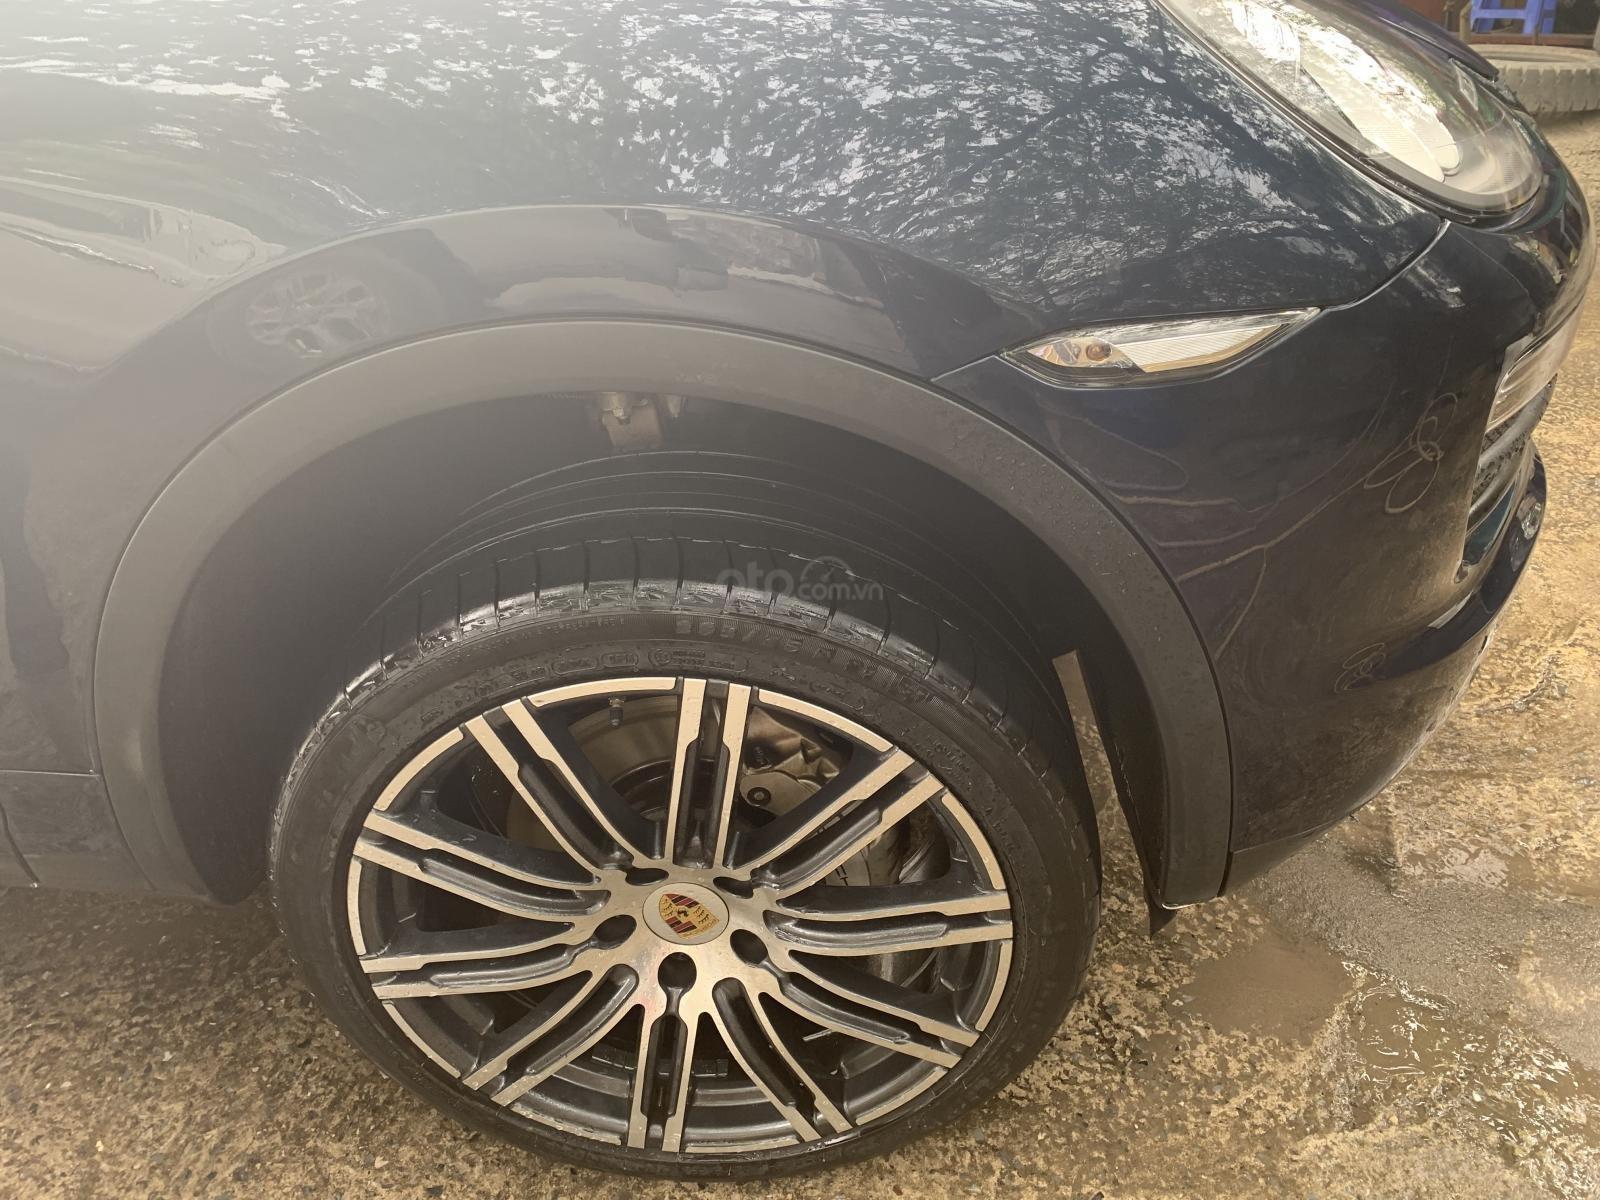 Cần bán gấp Porsche Cayenne S đời 2012, màu xanh lam, nhập khẩu nguyên chiếc số tự động-5